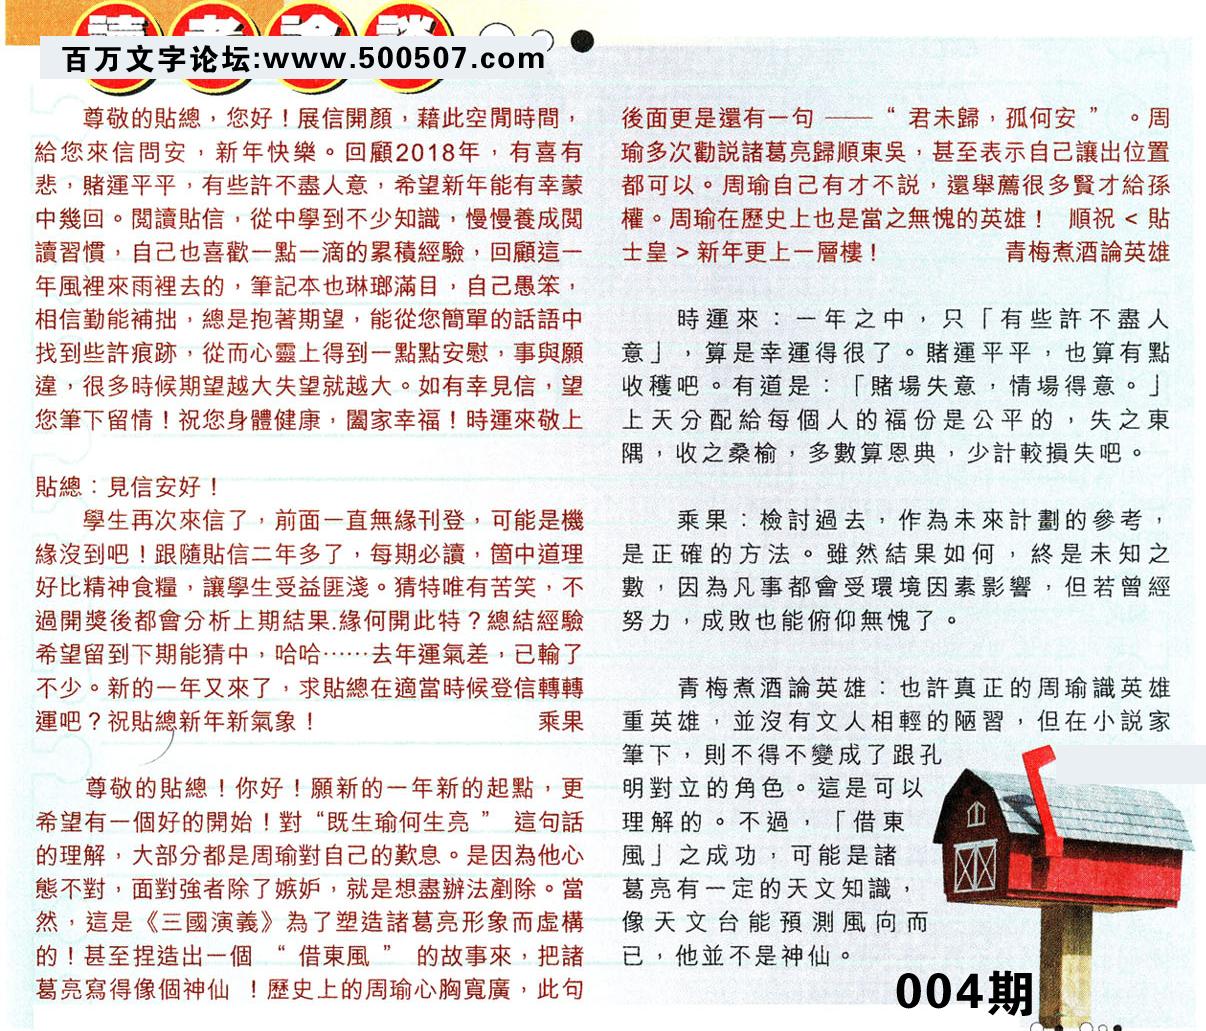 004期:彩民推荐�N信�x者���